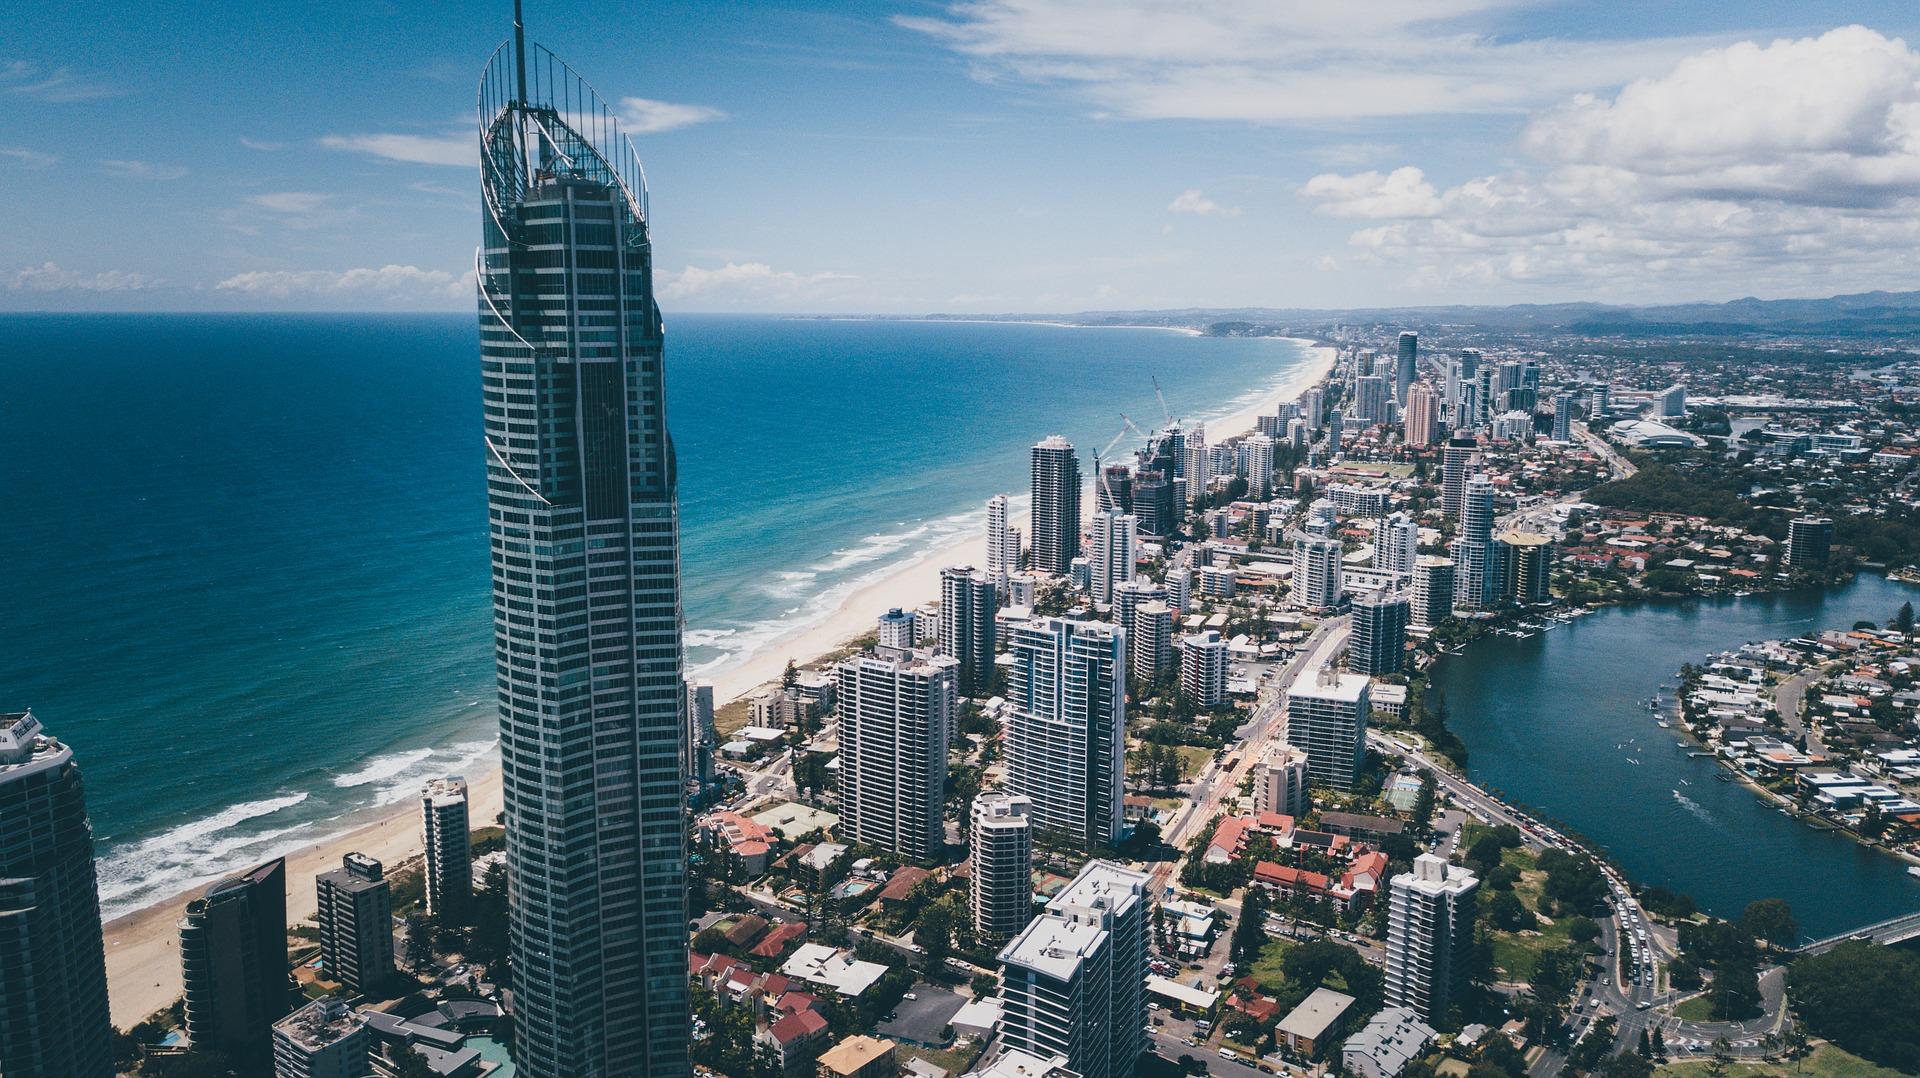 Lavorare In Australia Come Architetto lavorare in australia: come fare? | just australia